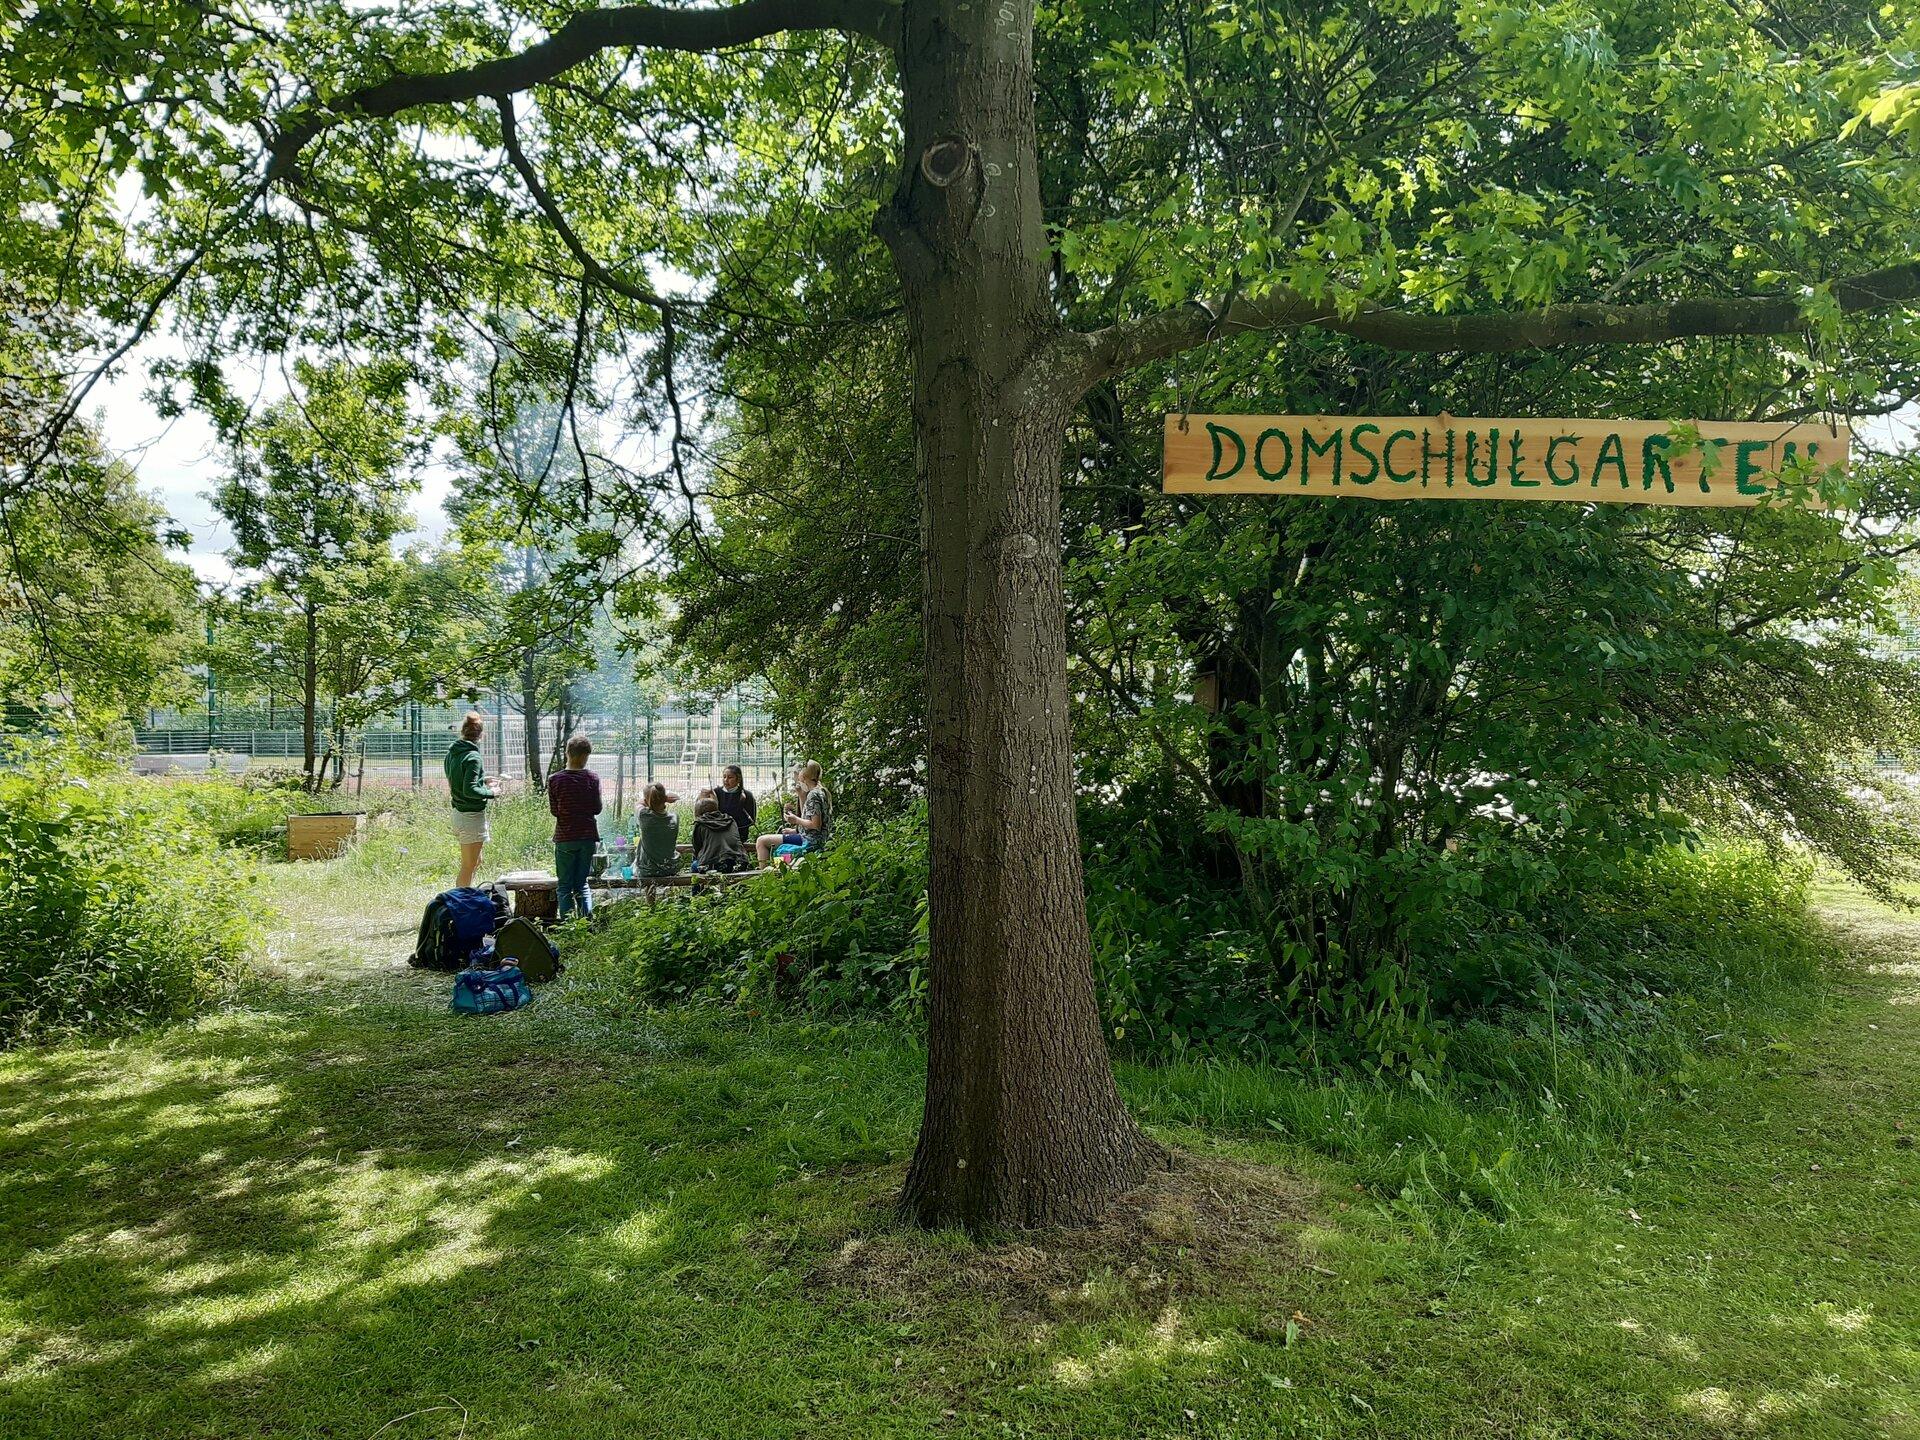 Domschulgarten